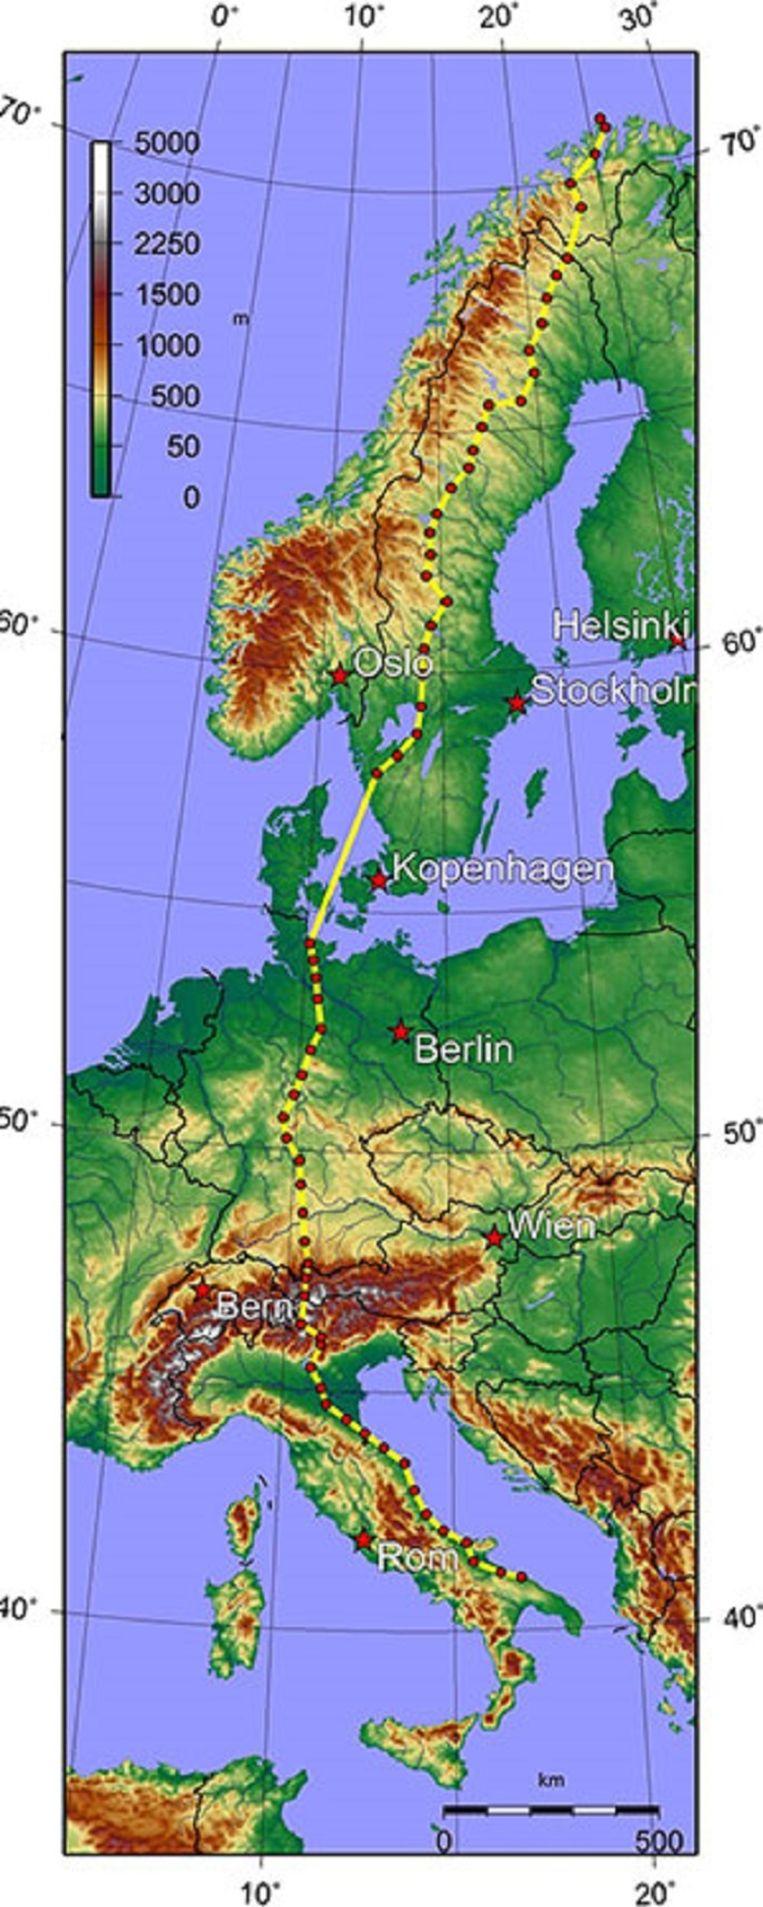 Het parcours van de Trans Europe Foot Race. Beeld Radiologisch instituut rsna